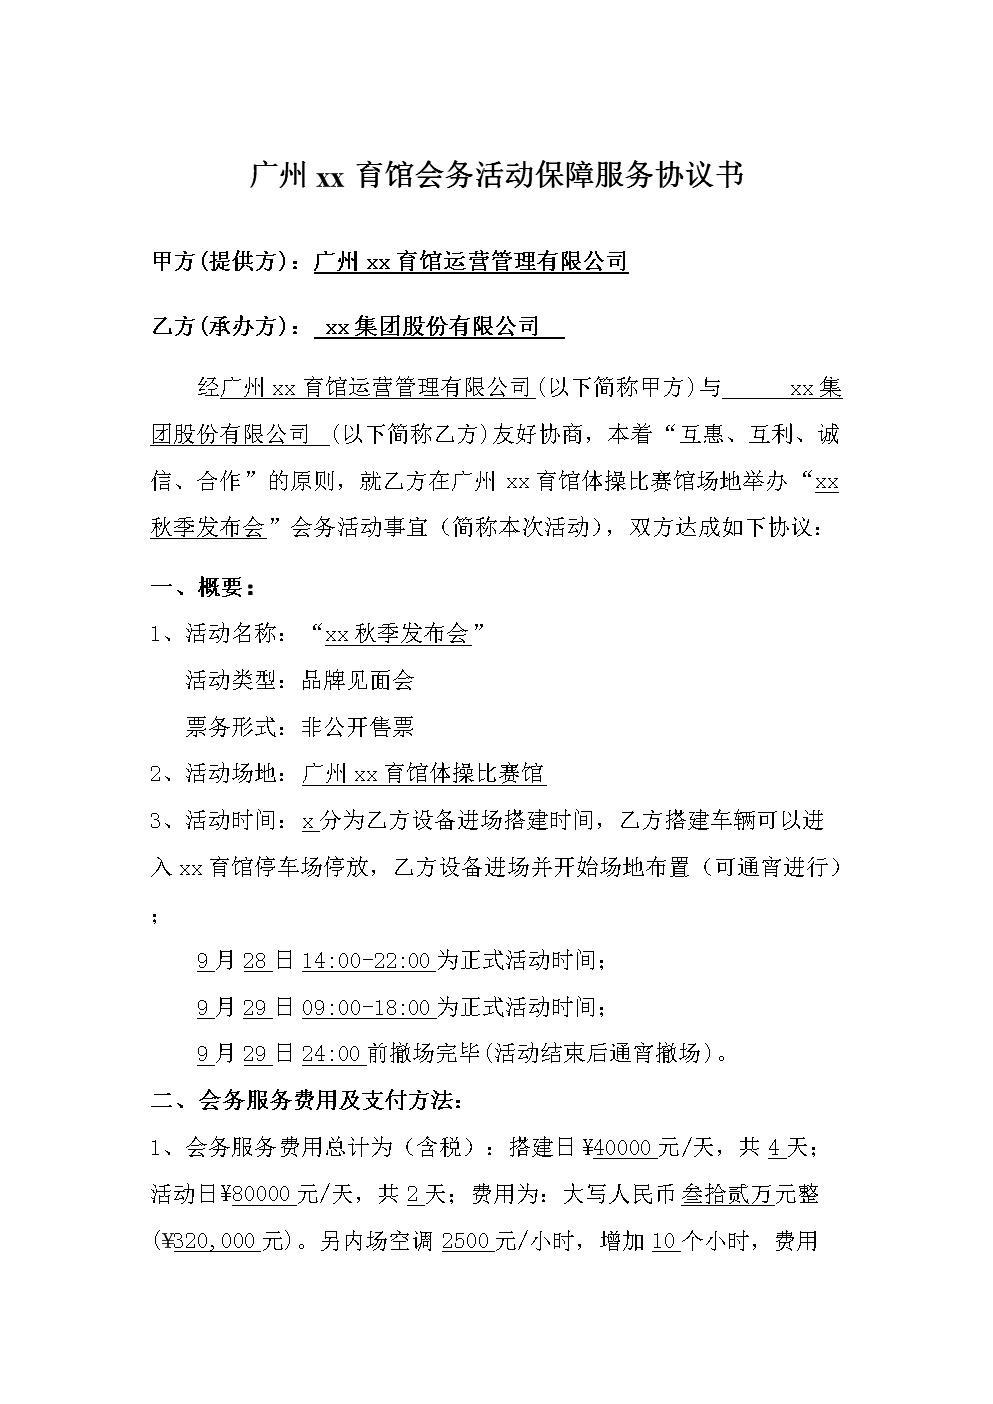 综合体育馆会务活动保障服务协议书.docx